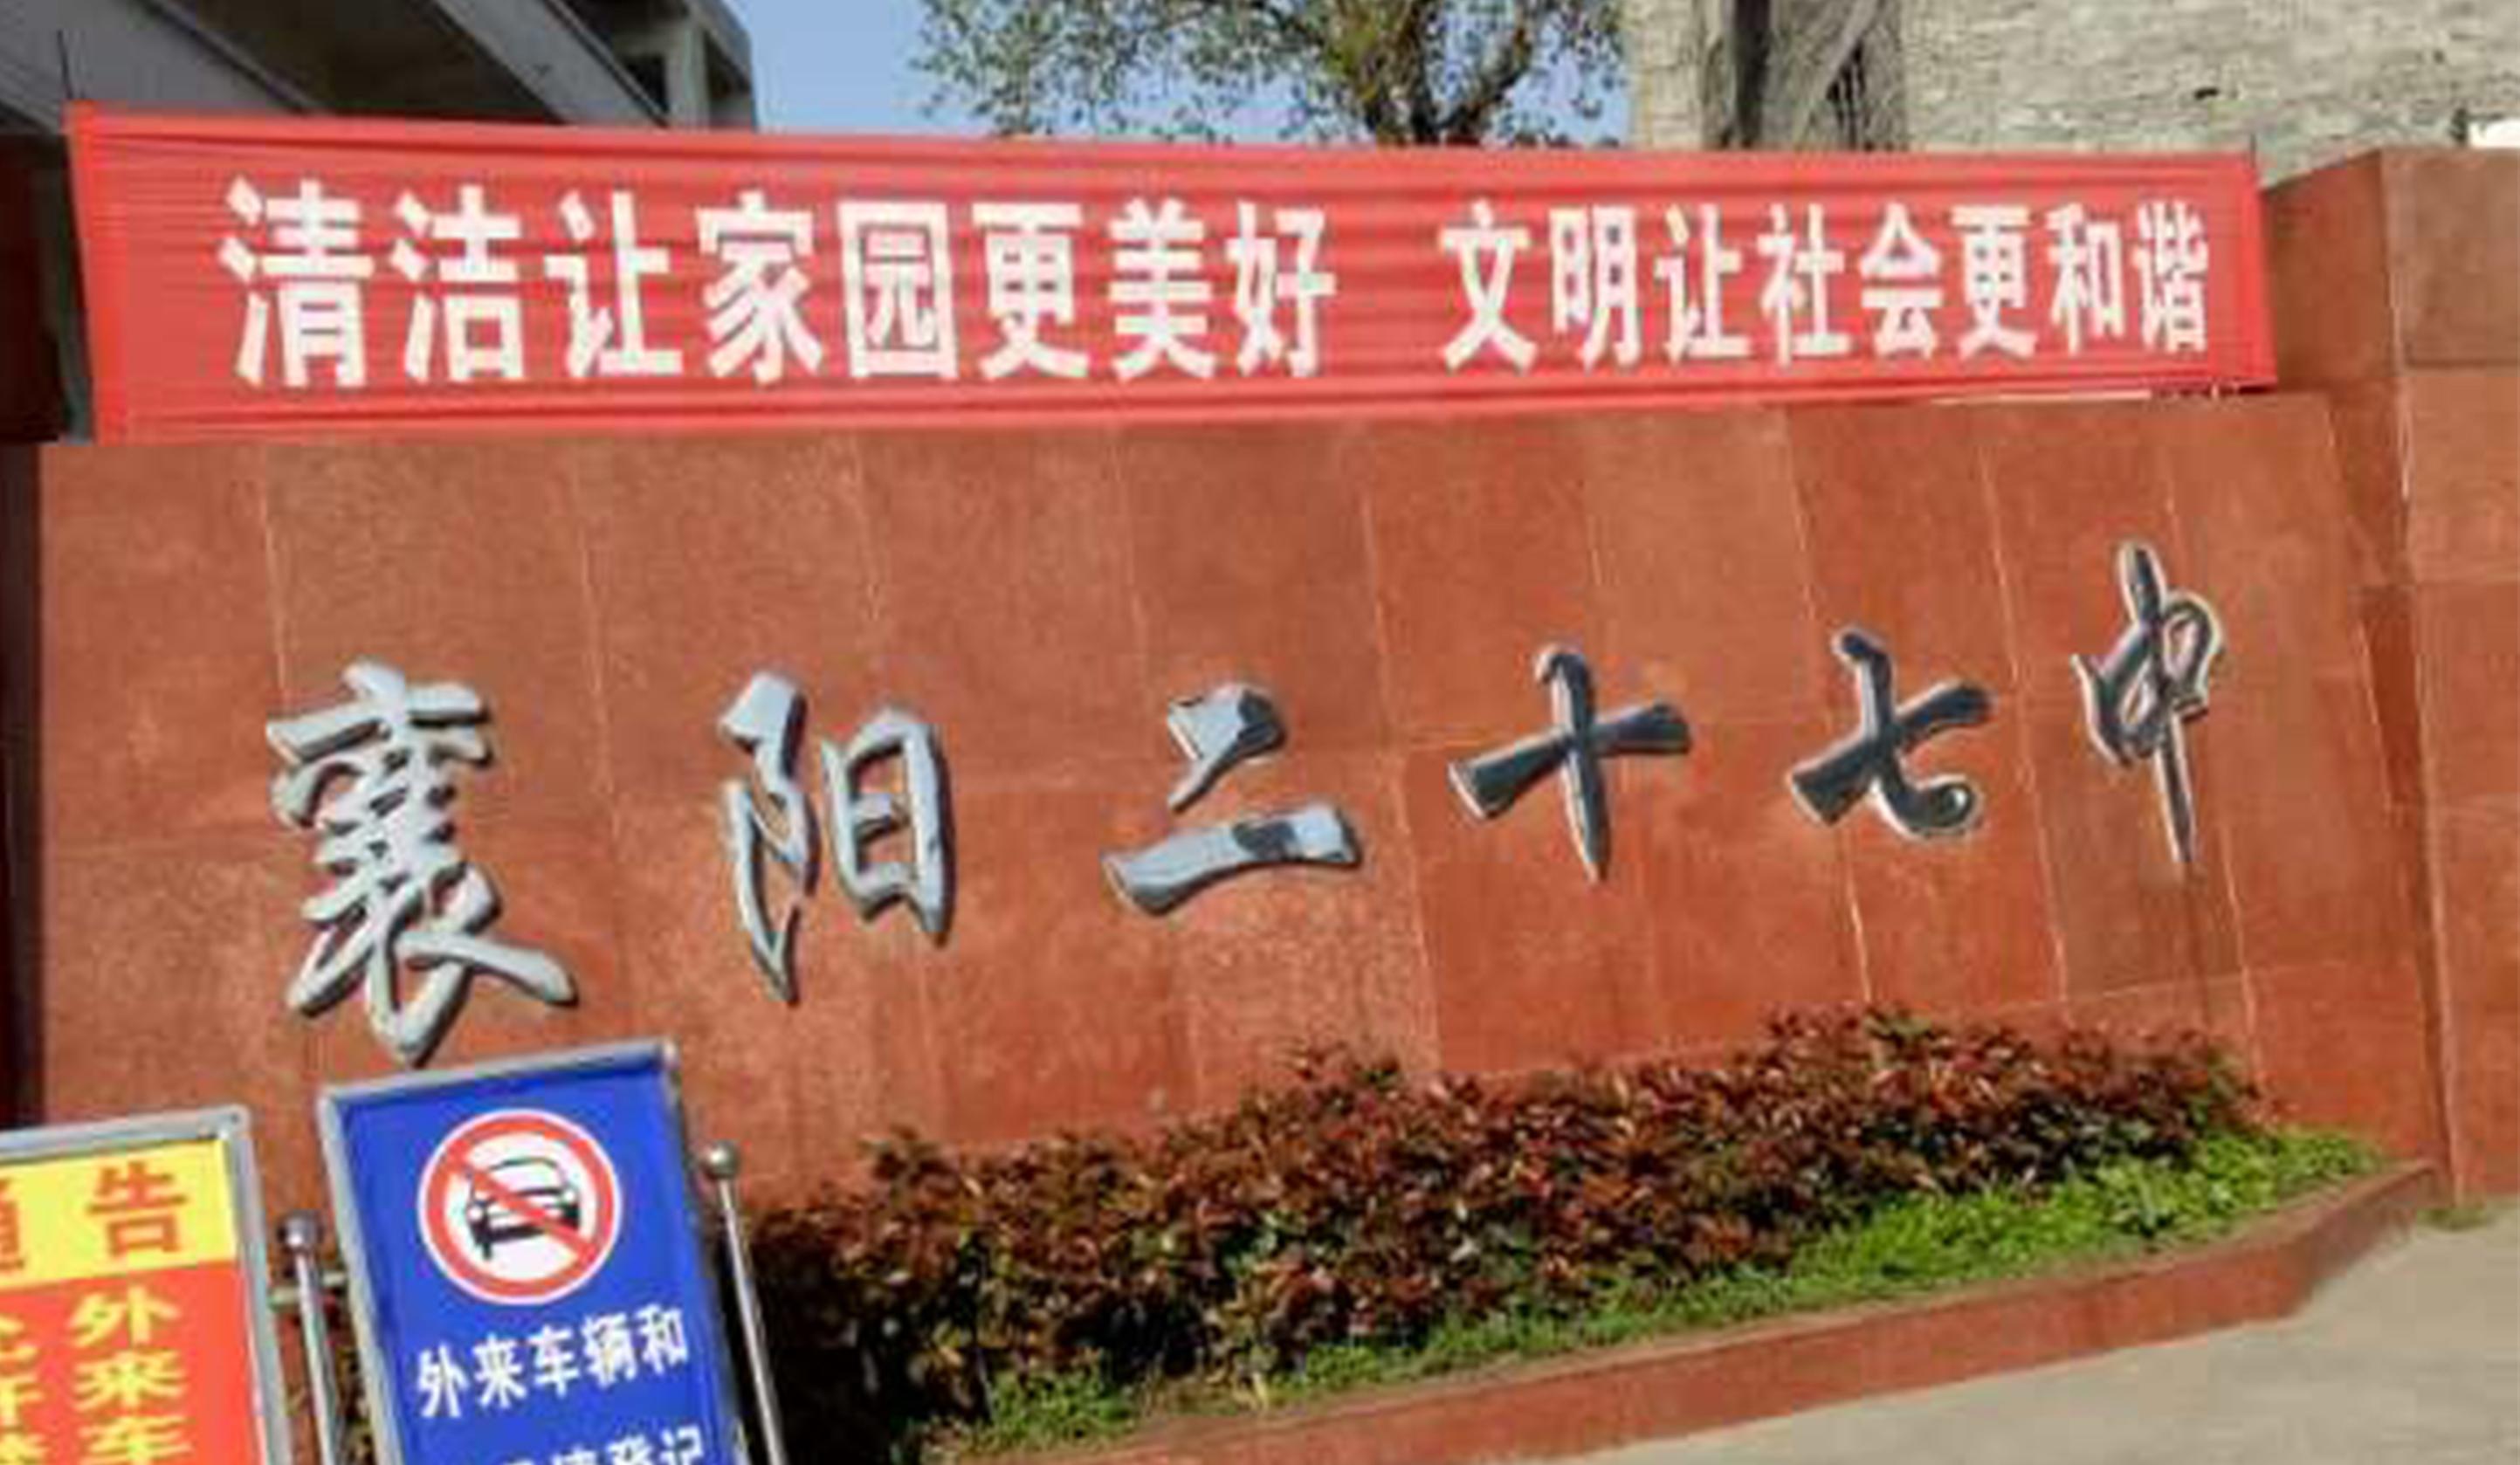 Xiangyangshi-NO27-Middle-School-1.jpg